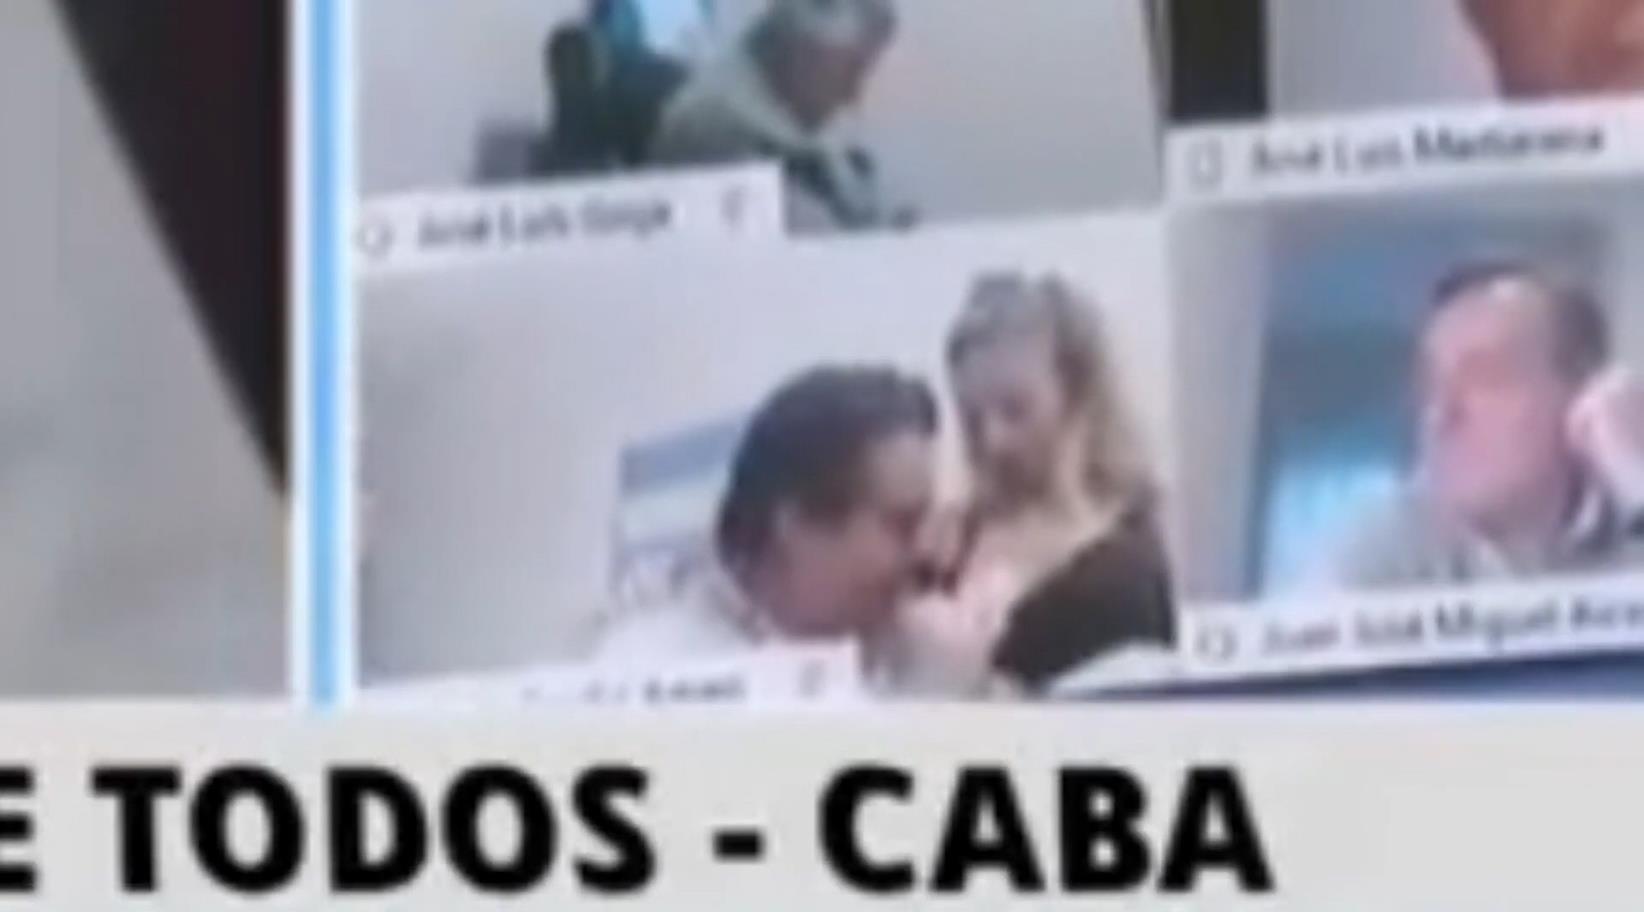 """Imputaron por """"estorbo de acto funcional"""" a Juan Ameri, el ex diputado filmado en un acto erótico en plena sesión"""